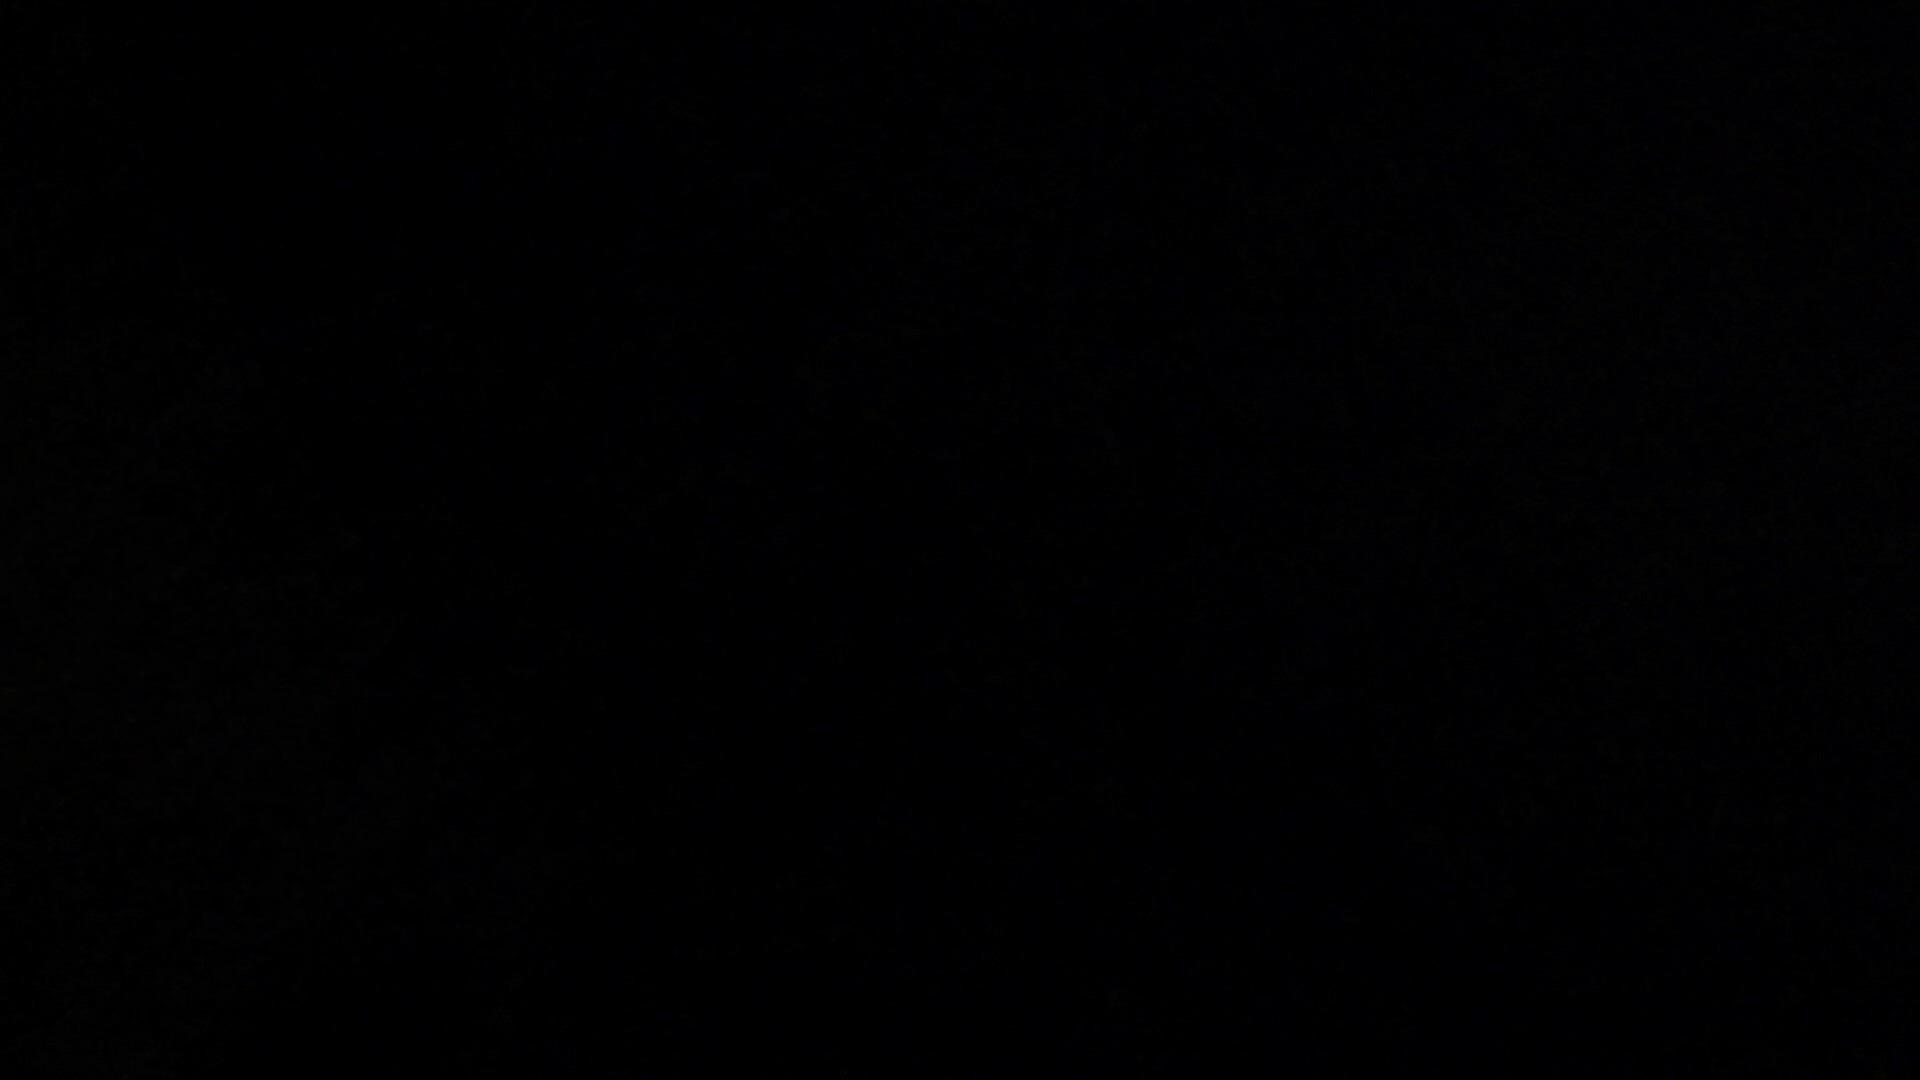 ▲復活限定▲マンコ丸見え!花火大会潜入撮 Vol.02 明るい場所に移動! 丸見え ワレメ動画紹介 112枚 57